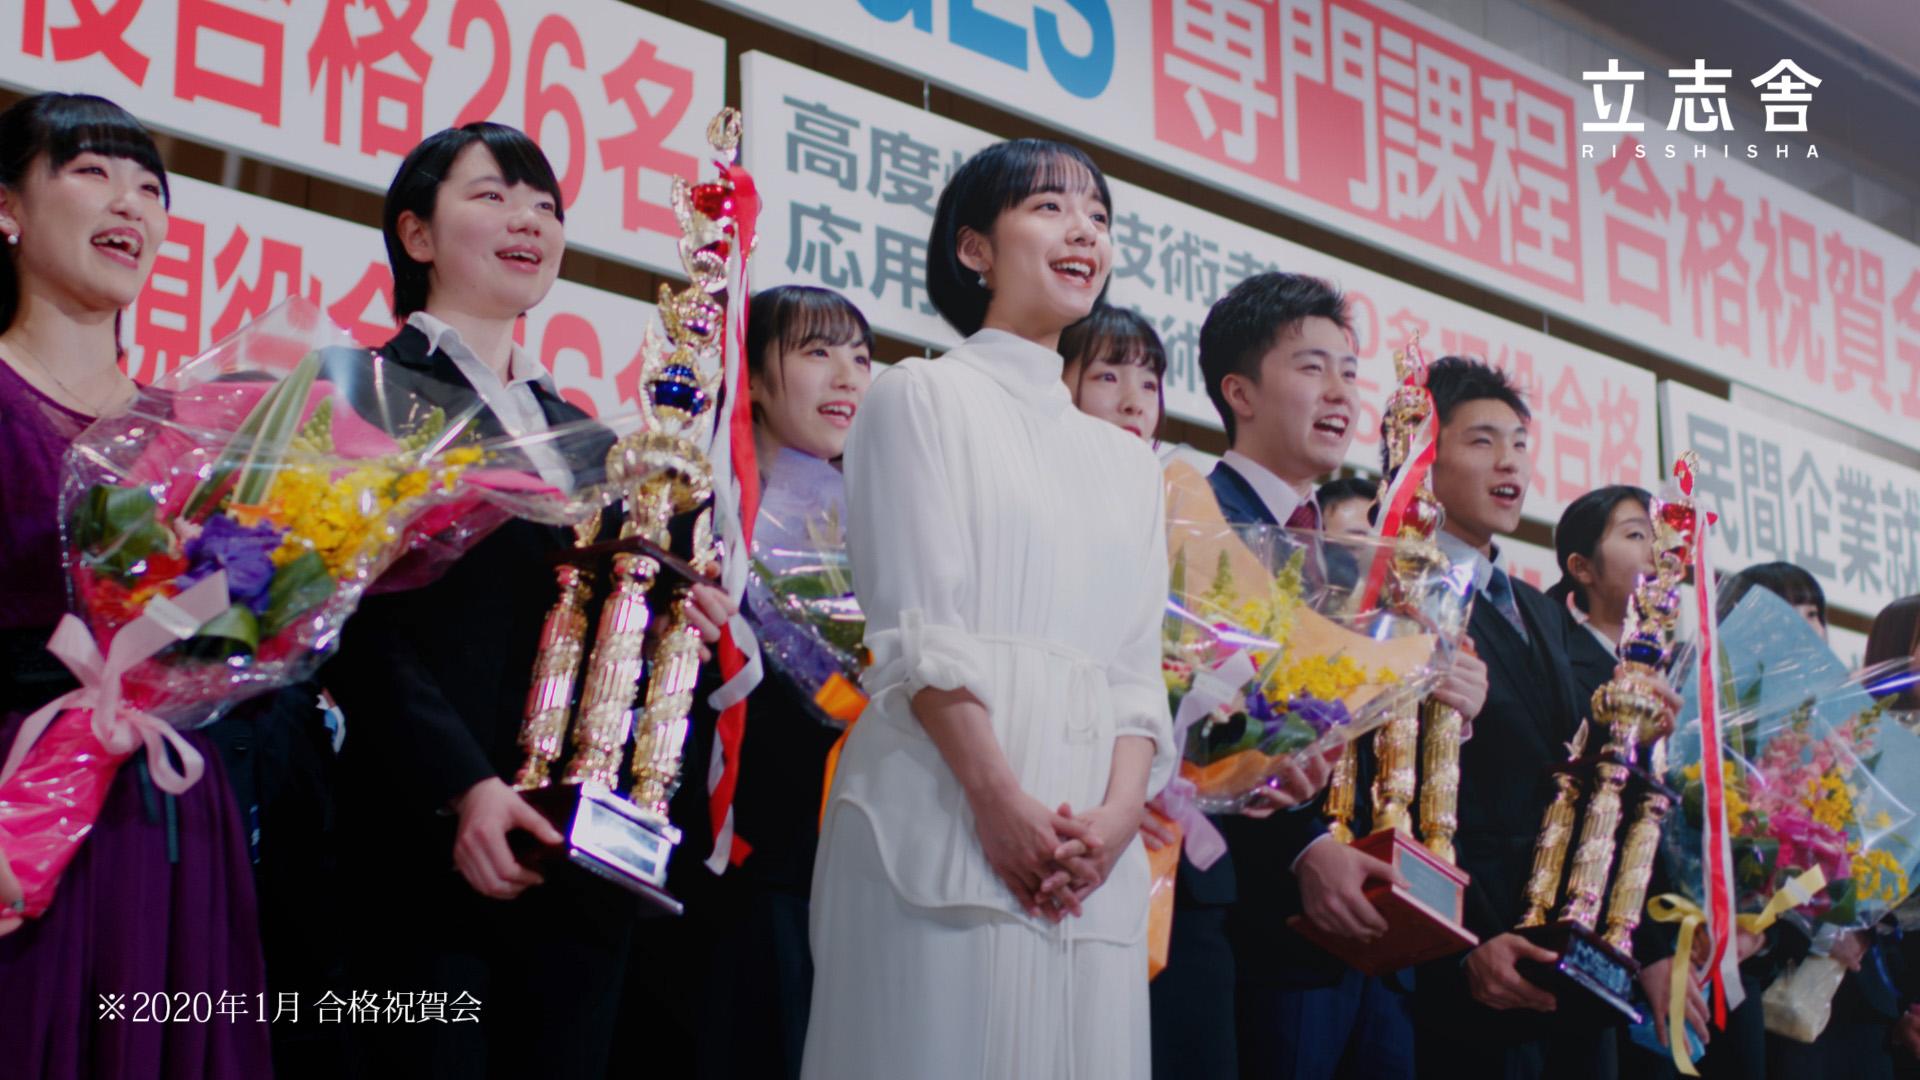 「夢は終わらない2021 東京法律公務員専門学校」篇